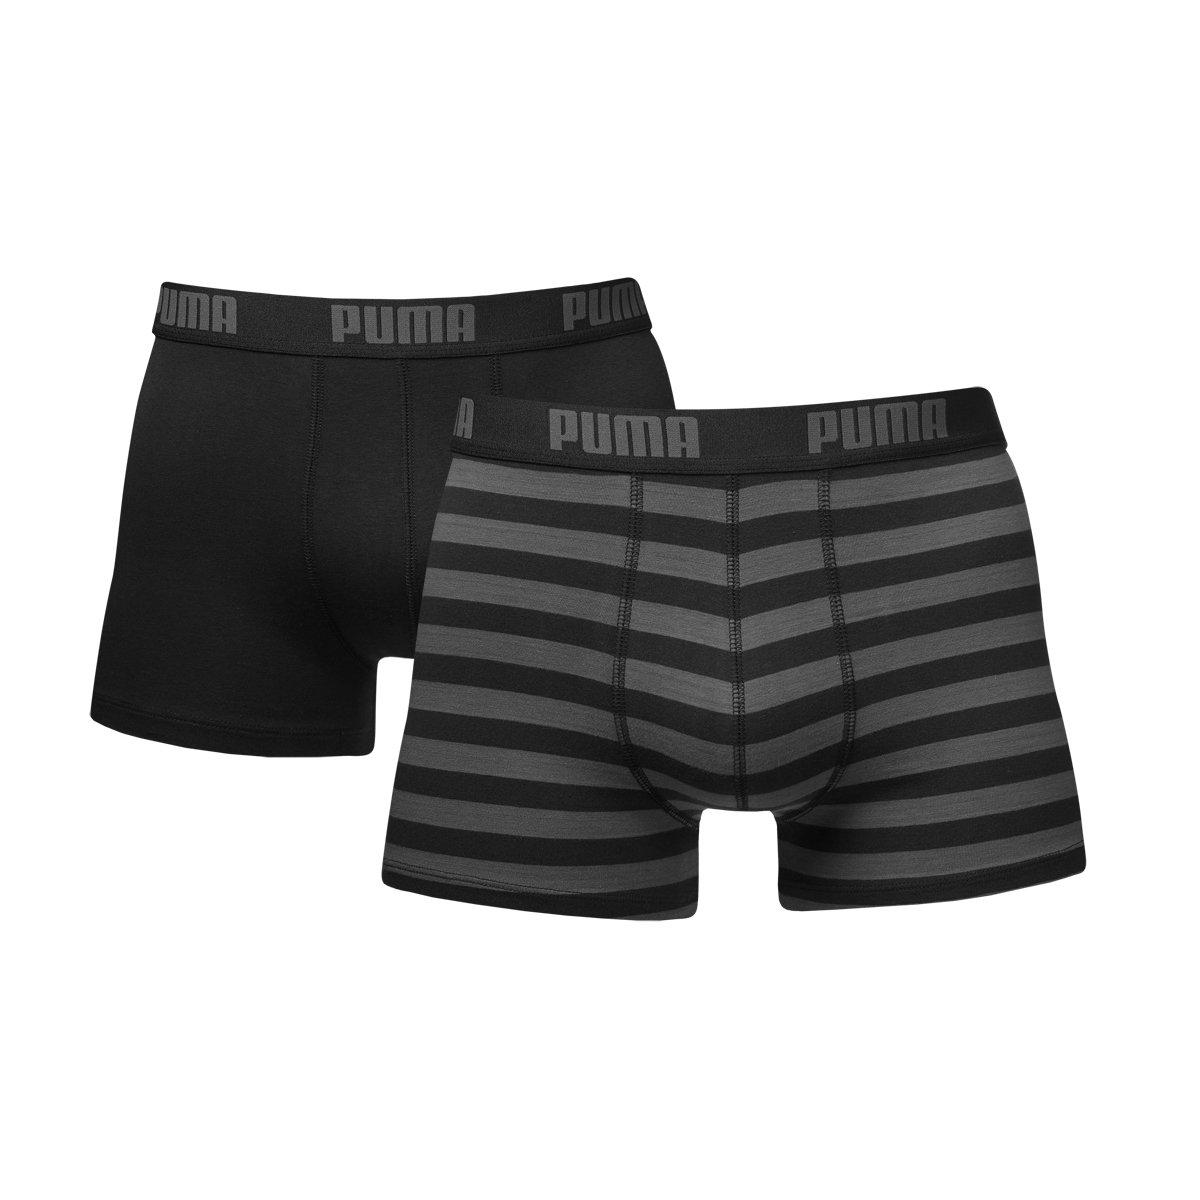 TALLA M. PUMA Stripe 1515 Boxer 2p - Calcetines Hombre